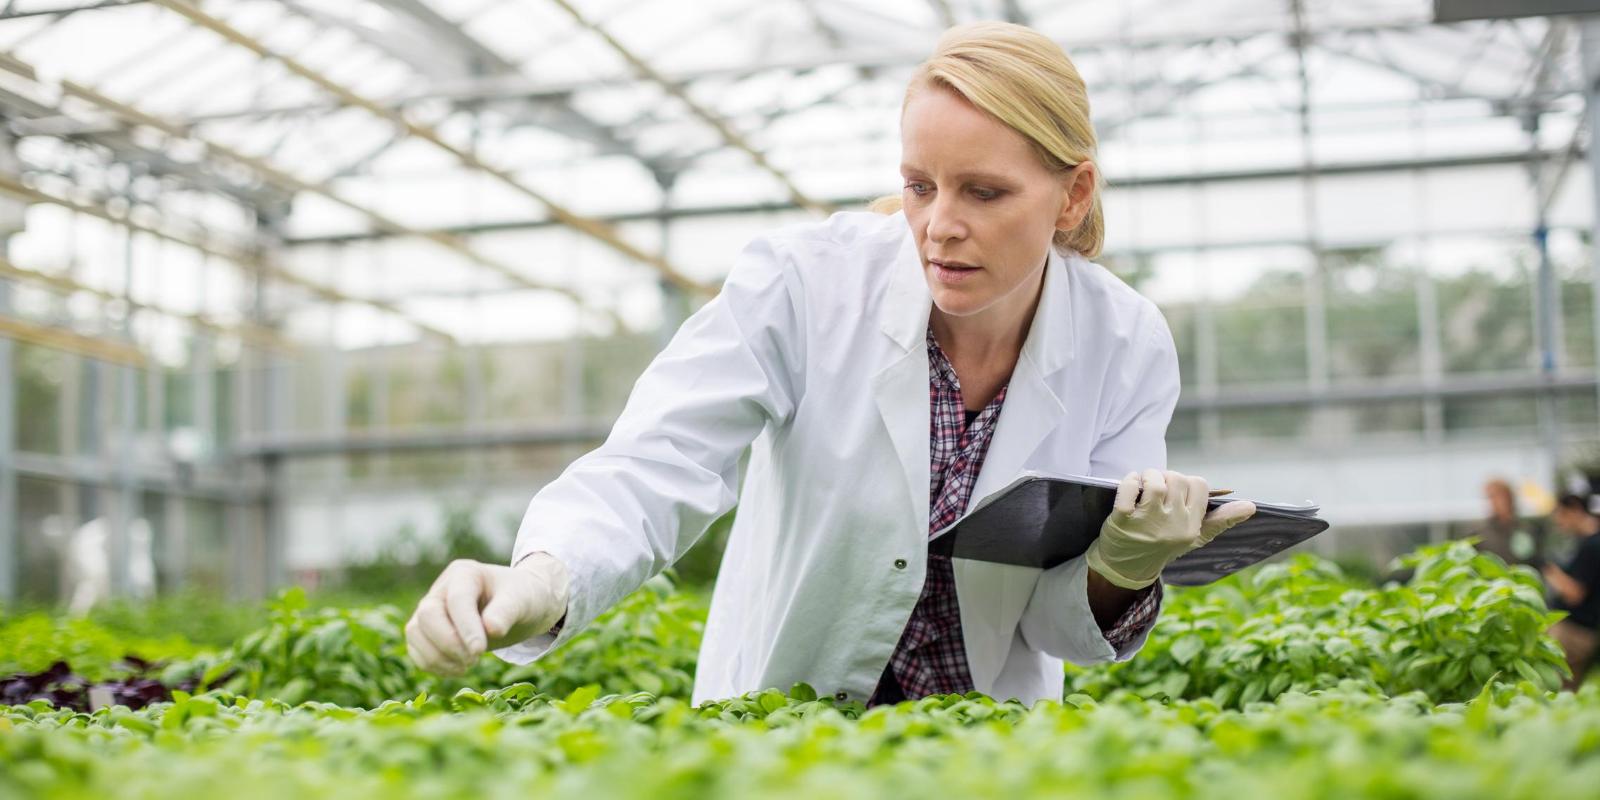 Imagem: Artigo: Por que a inovação é fundamental para uma agricultura mais sustentável?